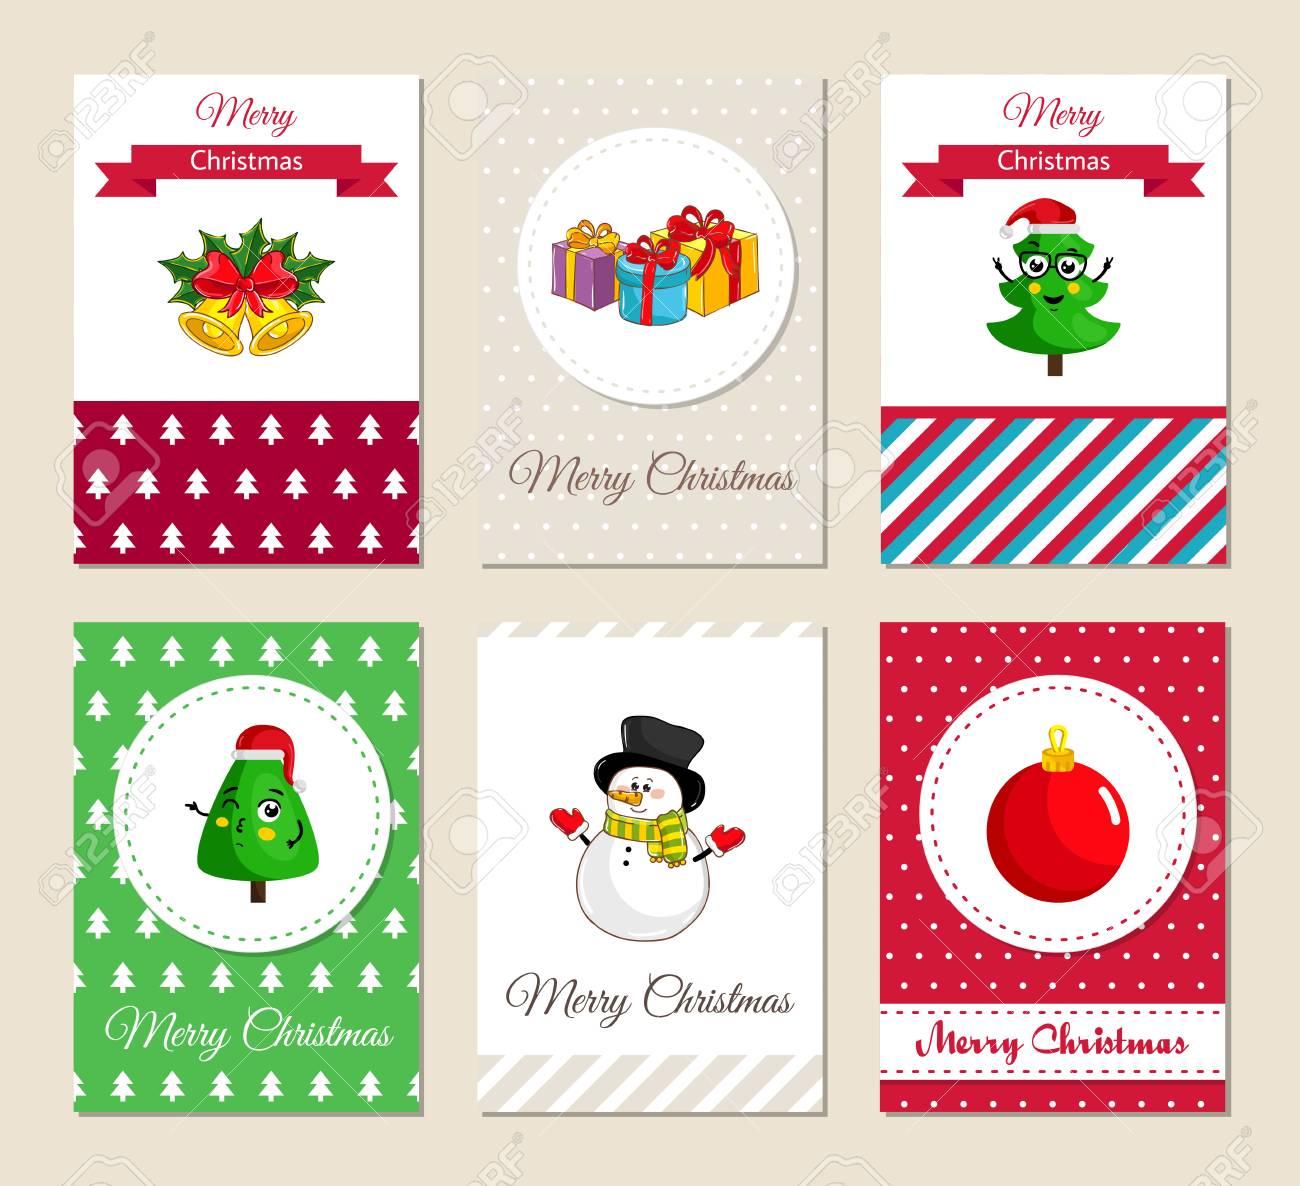 Tarjetas De Felicitación De Navidad Y Invitaciones De La Fiesta De Navidad Conjunto Colorido Conceptos Feliz Navidad Y Feliz Año Nuevo Con Los